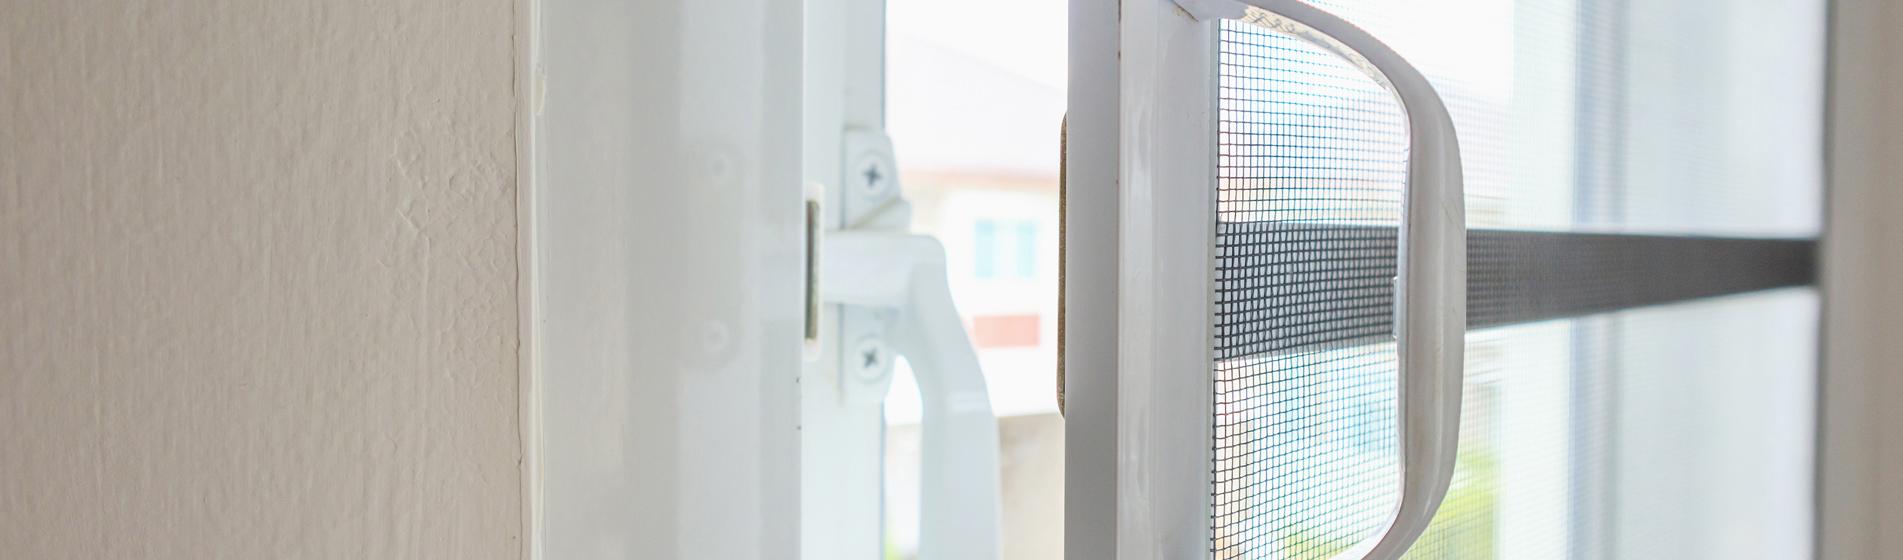 moustiquaire ouvrante porte fenêtre 84 Vaucluse